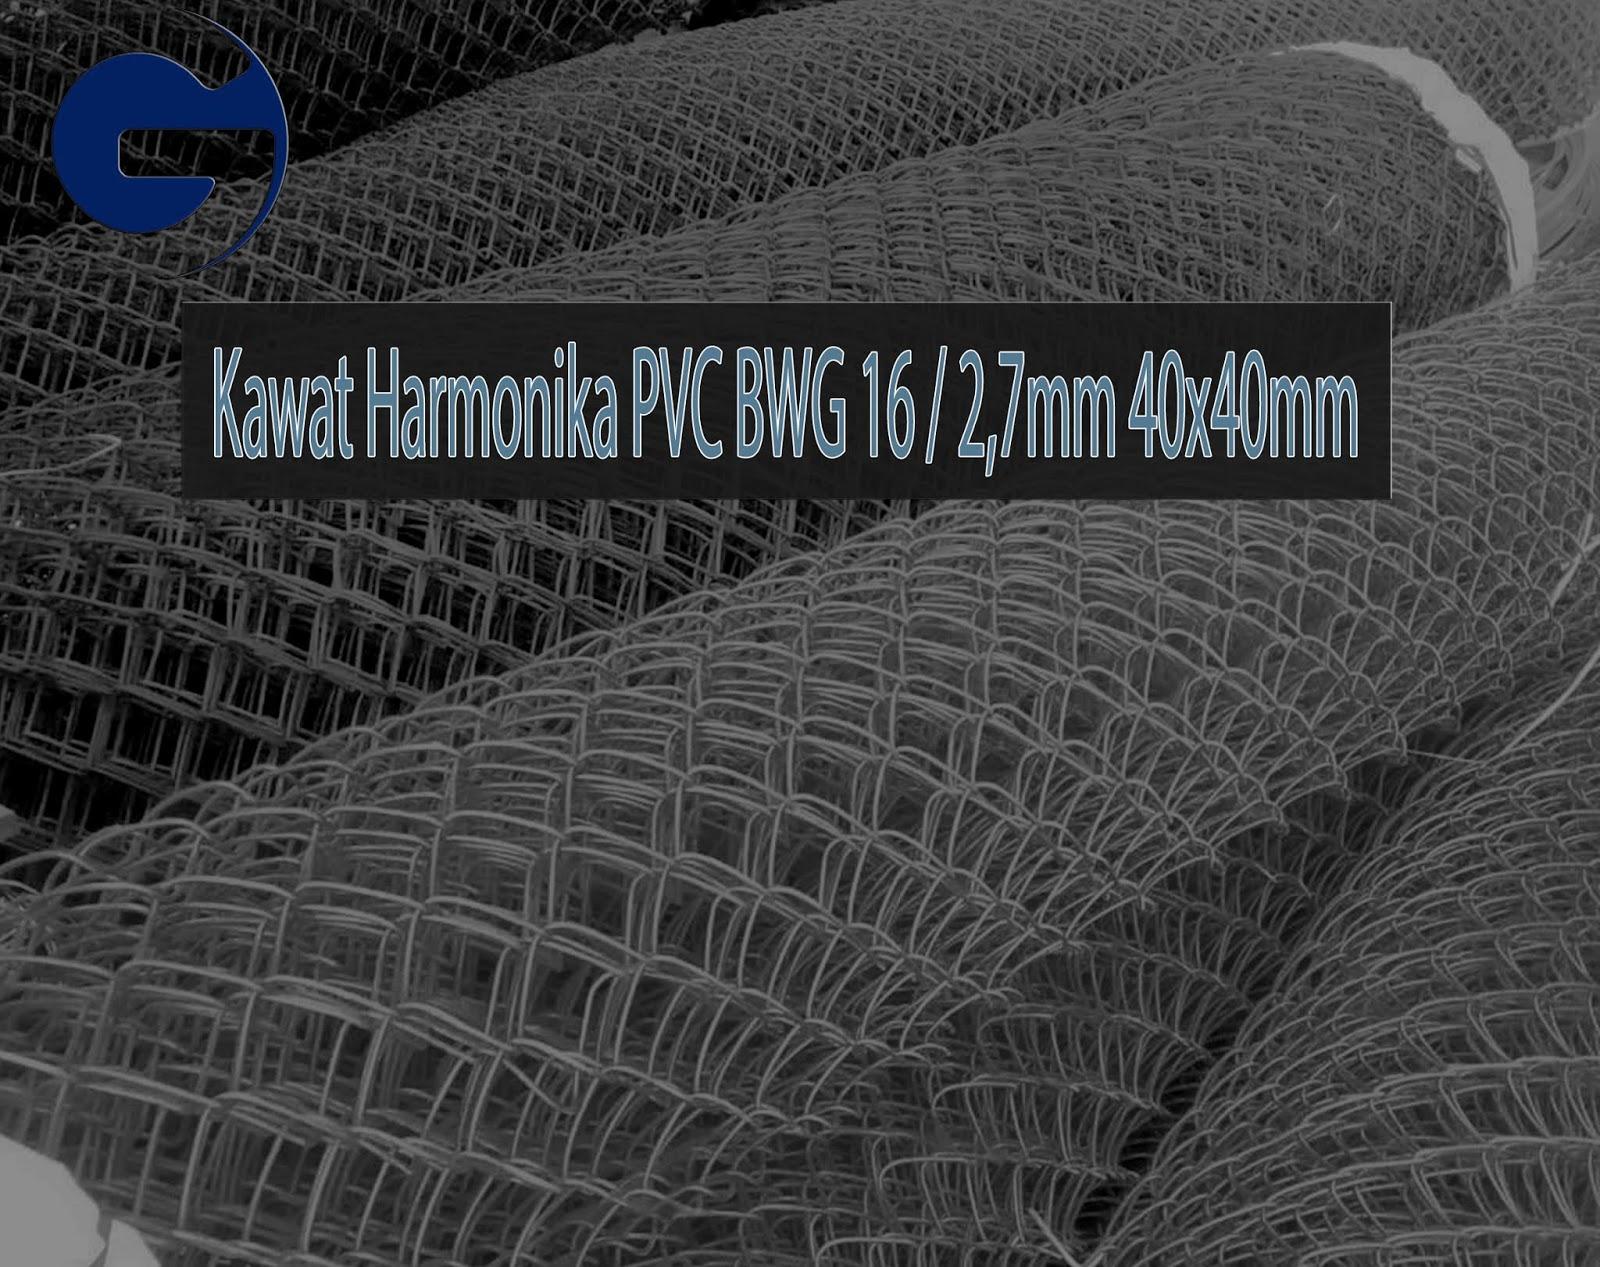 Jual Kawat Harmonika PVC SNI BWG 16/2,7mm 40x40mm